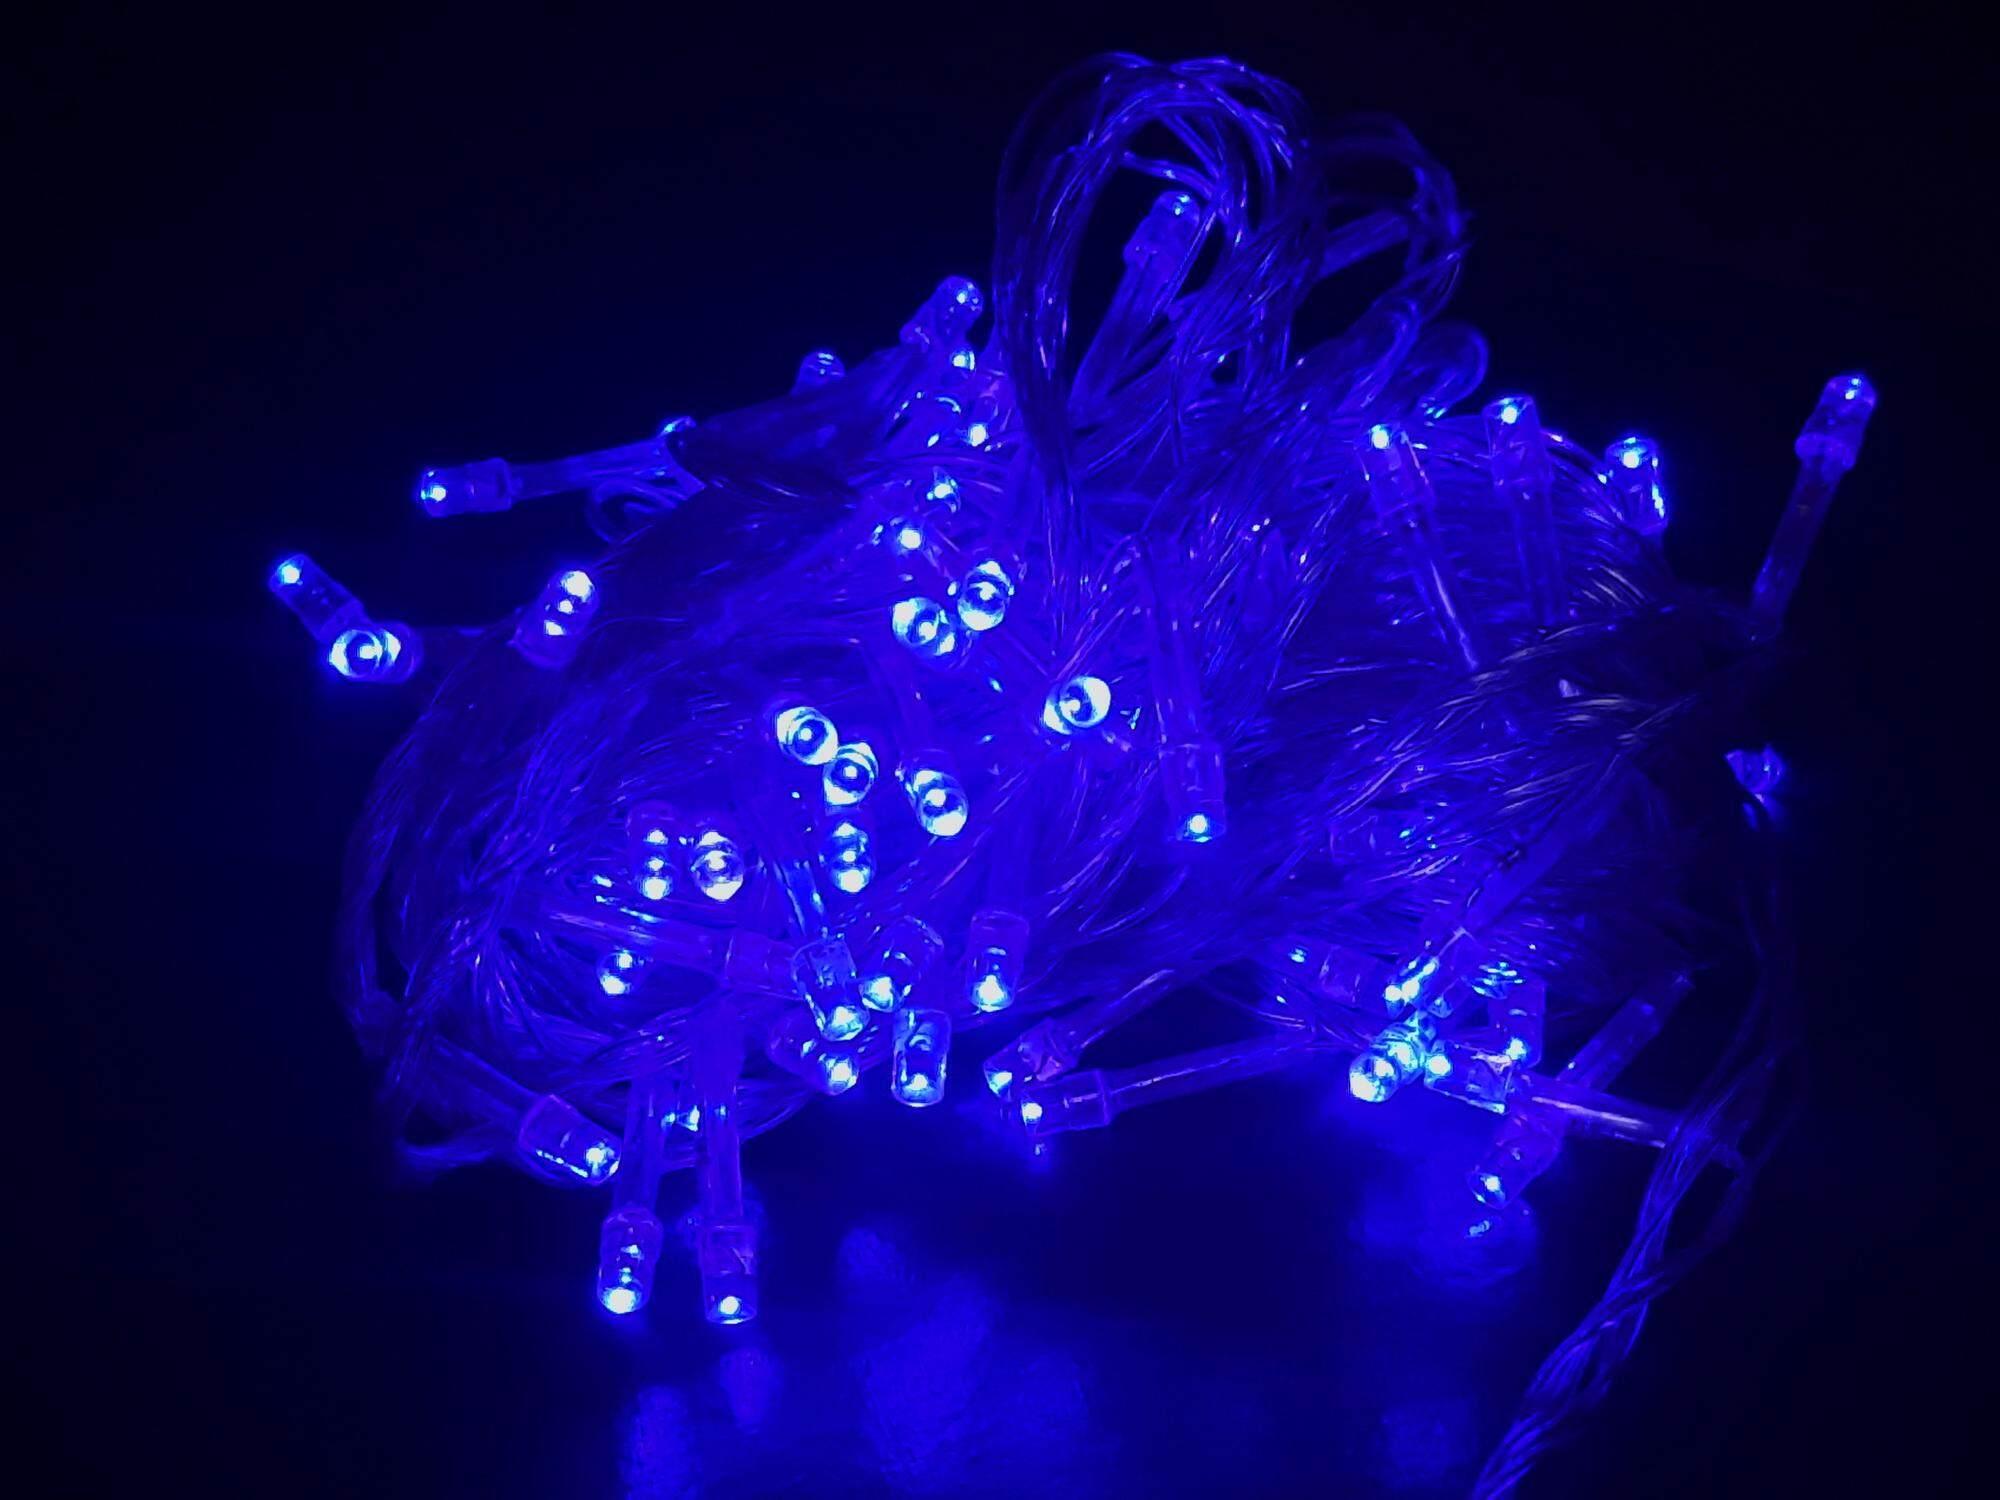 ไฟกระพริบ Led 100 ดวง ปรับได้ 8 จังหวะ กันน้ำได้ ยาว 8 เมตร ไฟตกแต่ง ไฟประดับ ไฟหยดน้ำ งานเทศกาล ไฟปีใหม่ ไฟคริสมาส By Smec.